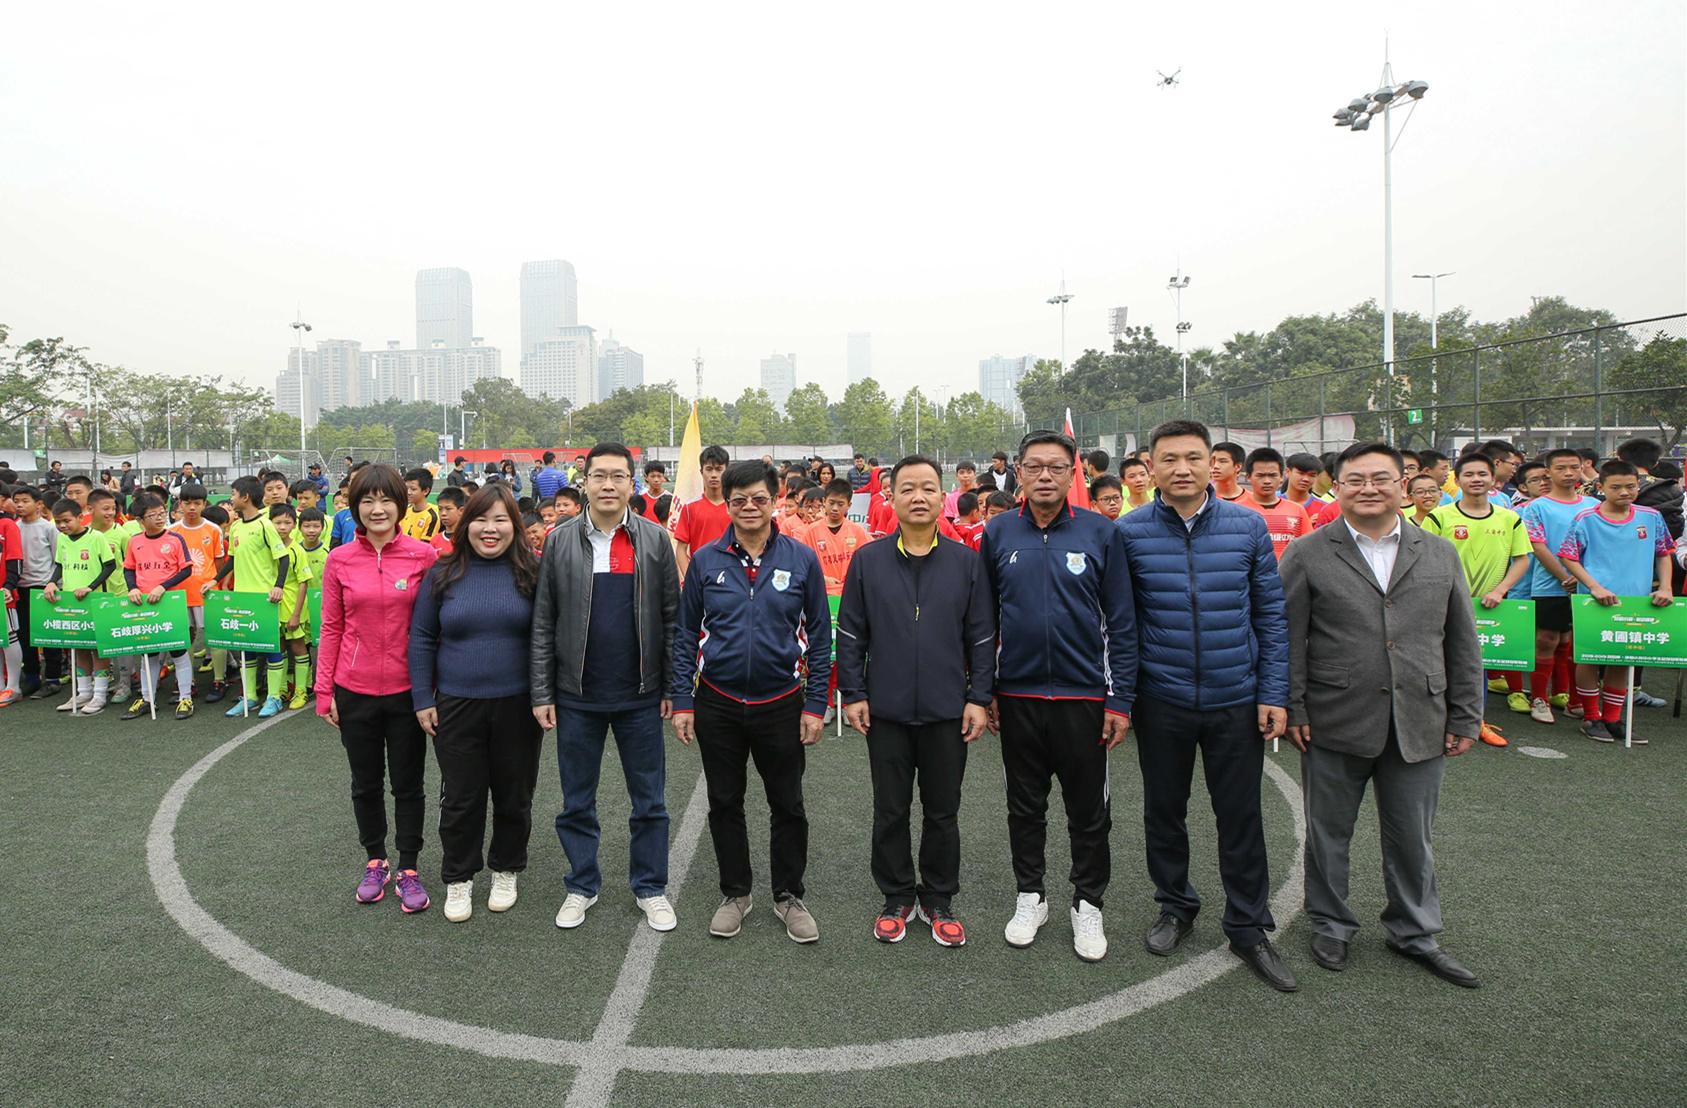 荔园杯·绿茵小将中小学生足球冠军联赛激战中山,32支队伍争夺冠军